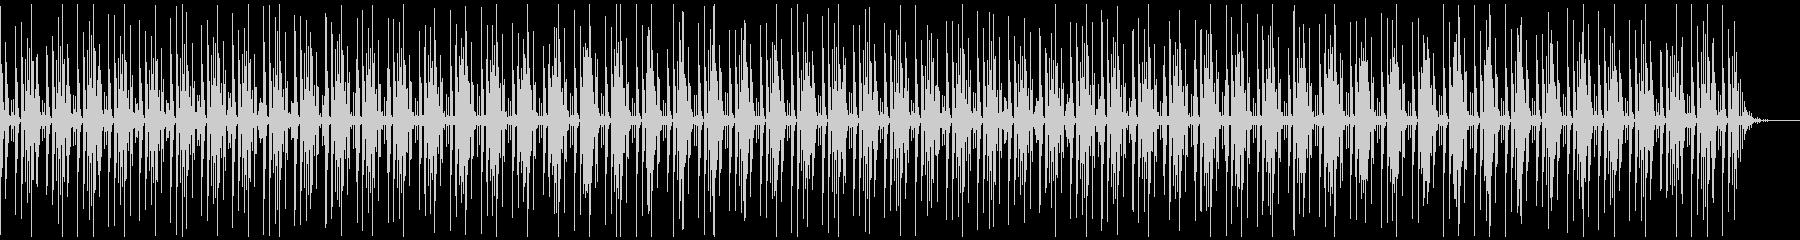 [ニュース報道]無機質:フラット:04の未再生の波形